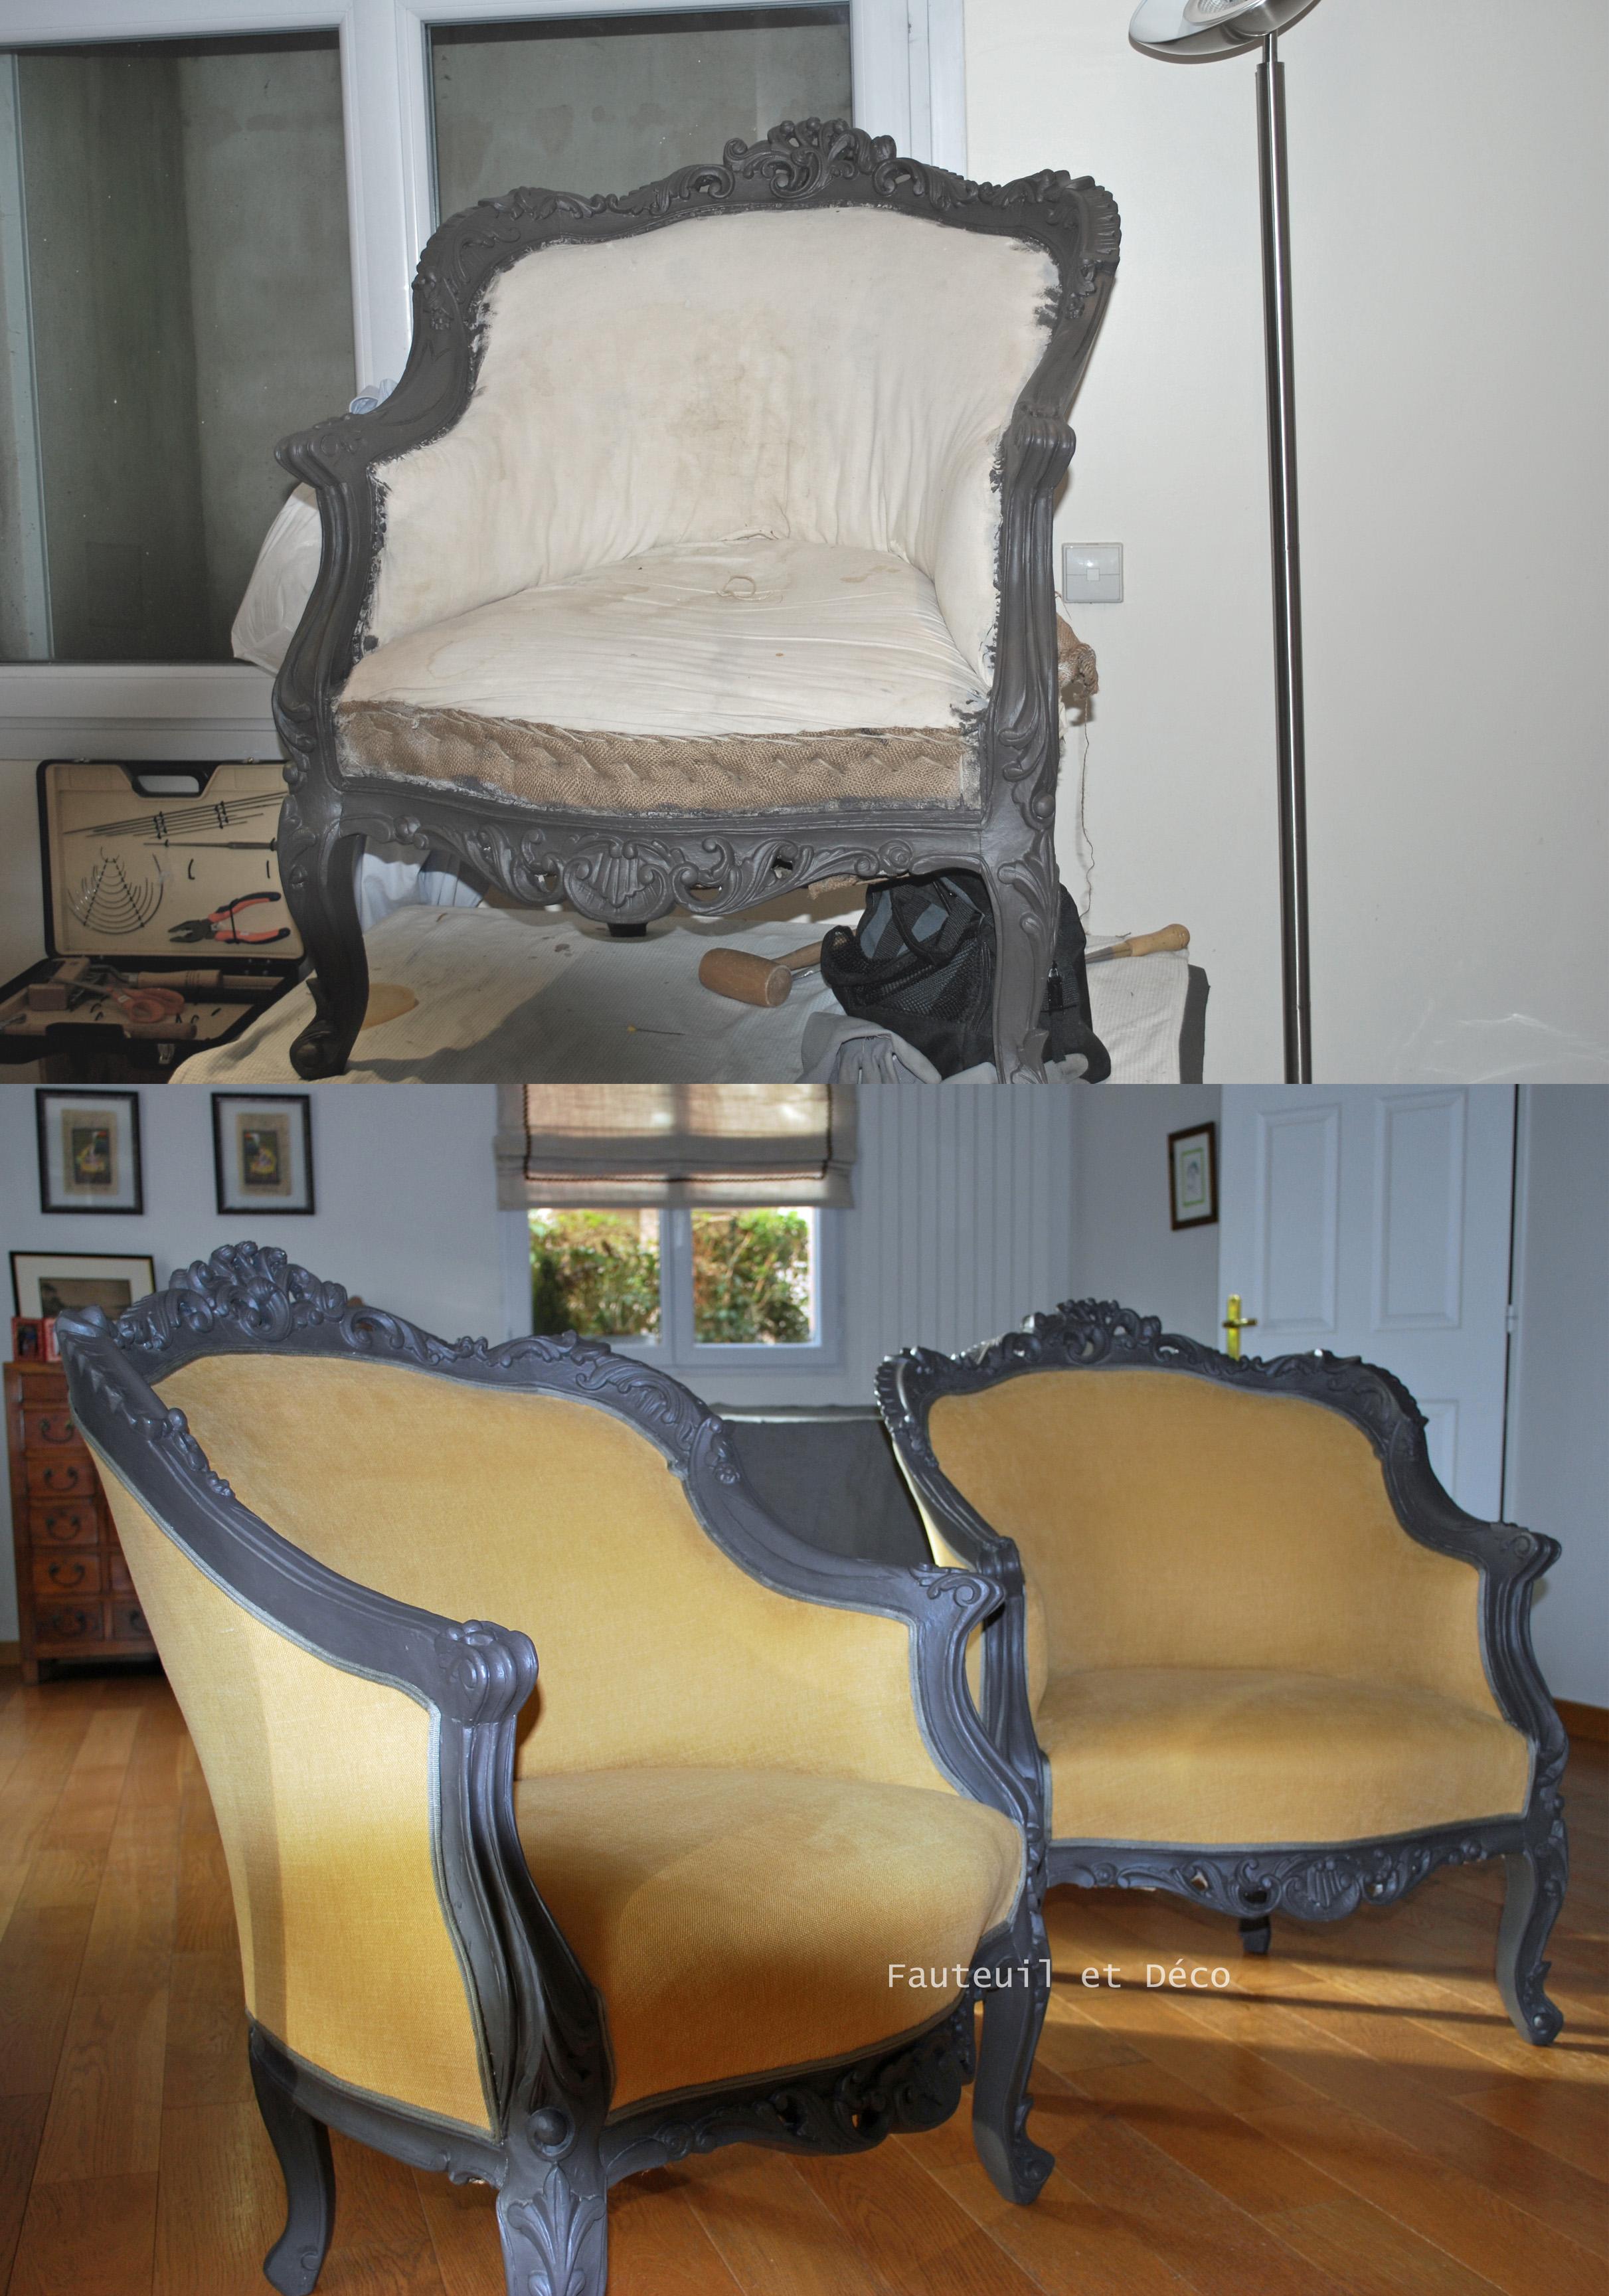 fauteuils tonneau fauteuil d co. Black Bedroom Furniture Sets. Home Design Ideas